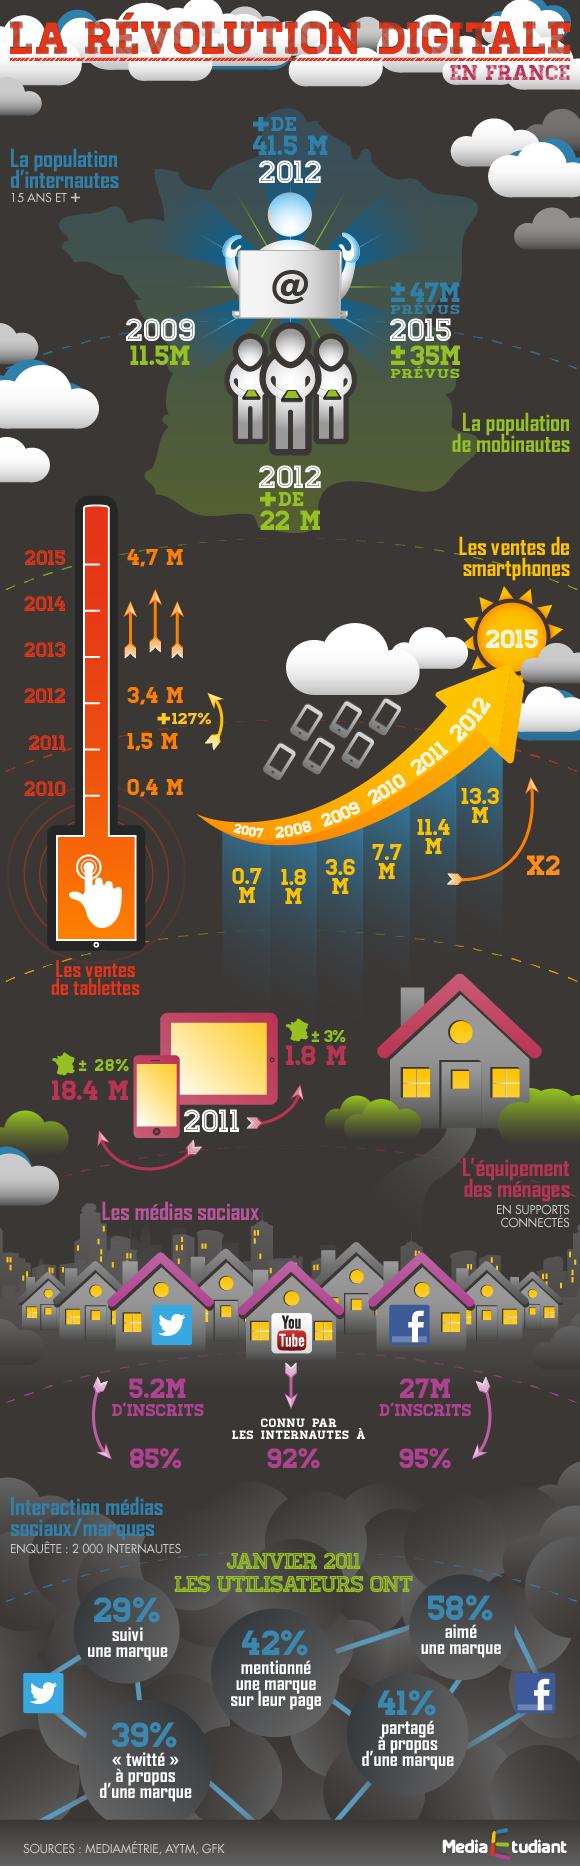 semaine_du_digital_infographies_revolutiondigitale_v2